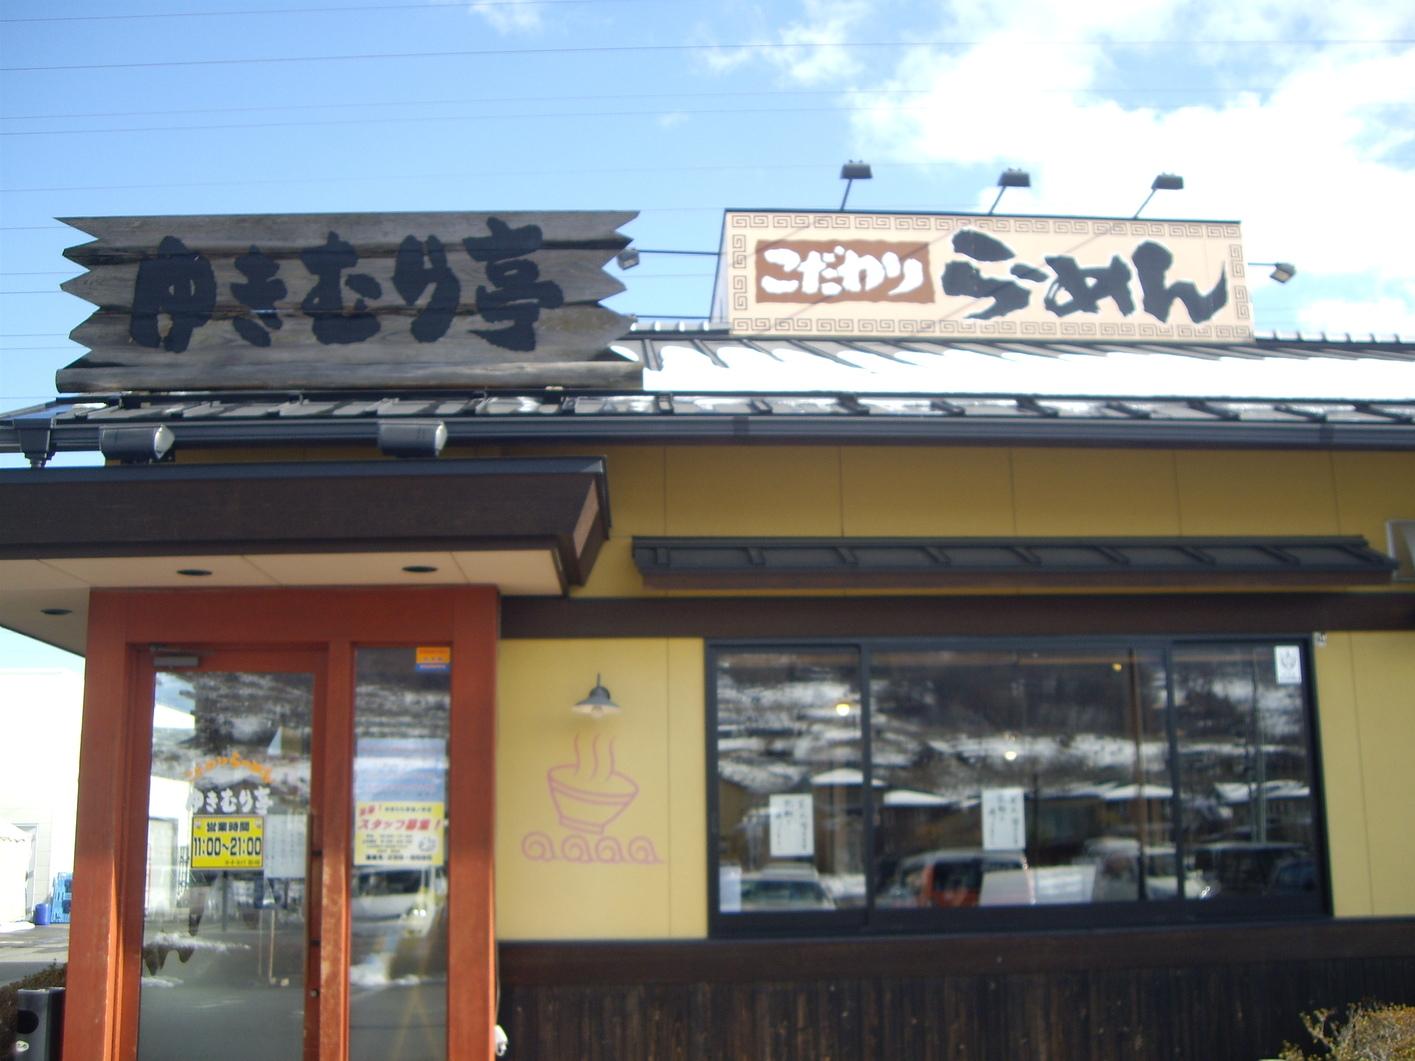 ゆきむら亭 篠ノ井店 name=